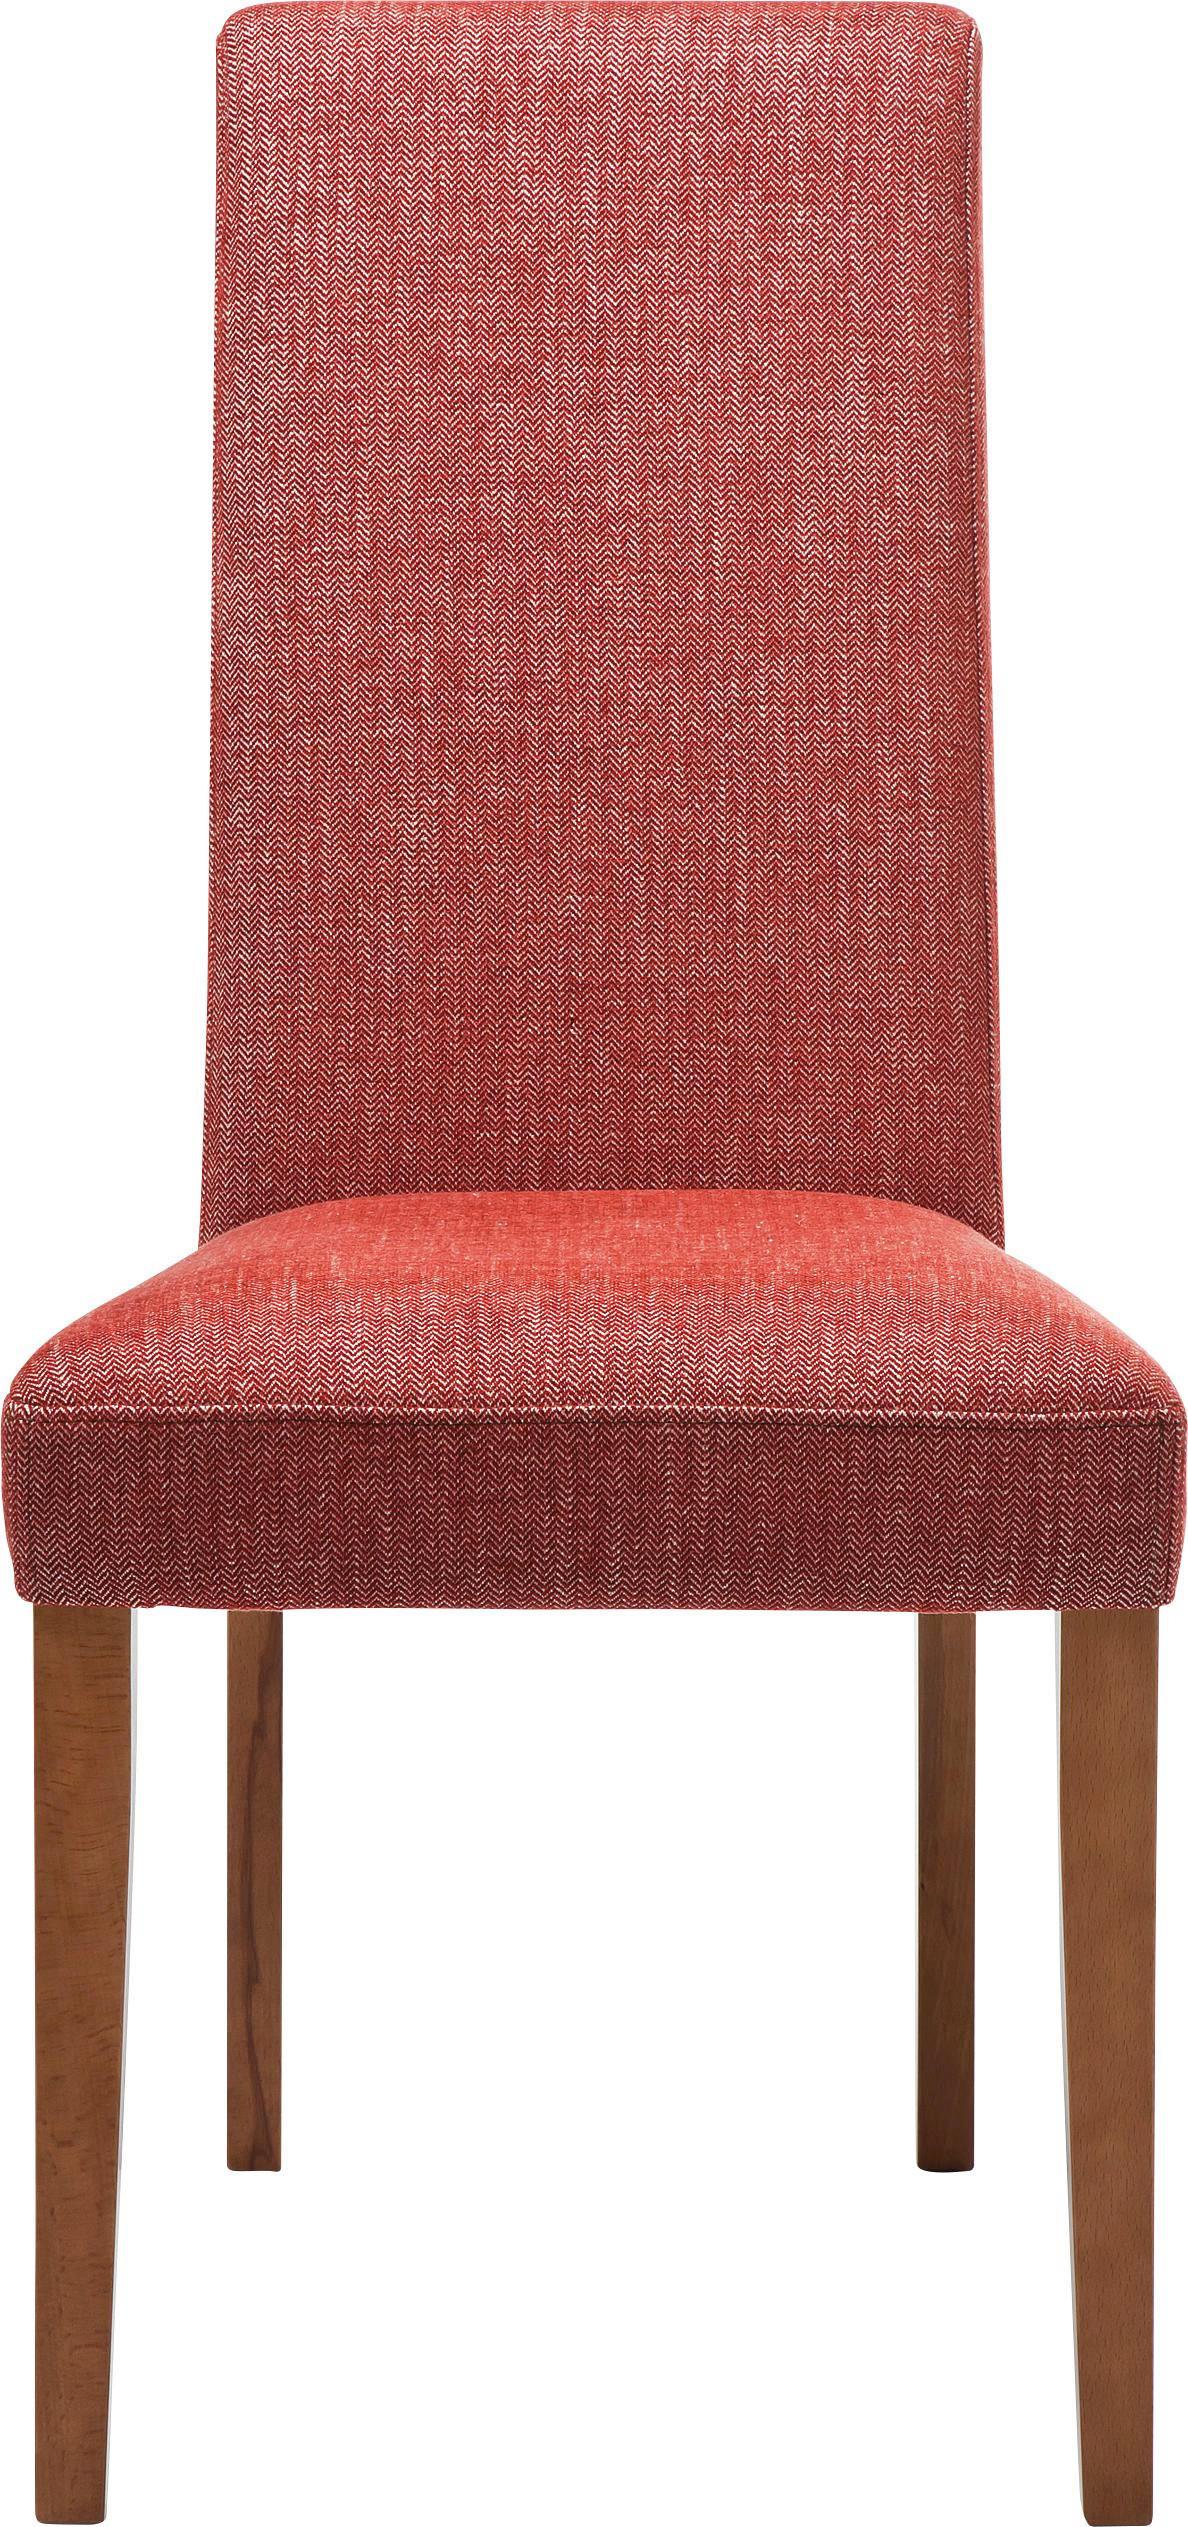 Stuhl Buche RotBuchefarben Buche Stuhl Massiv WIYEebD2H9